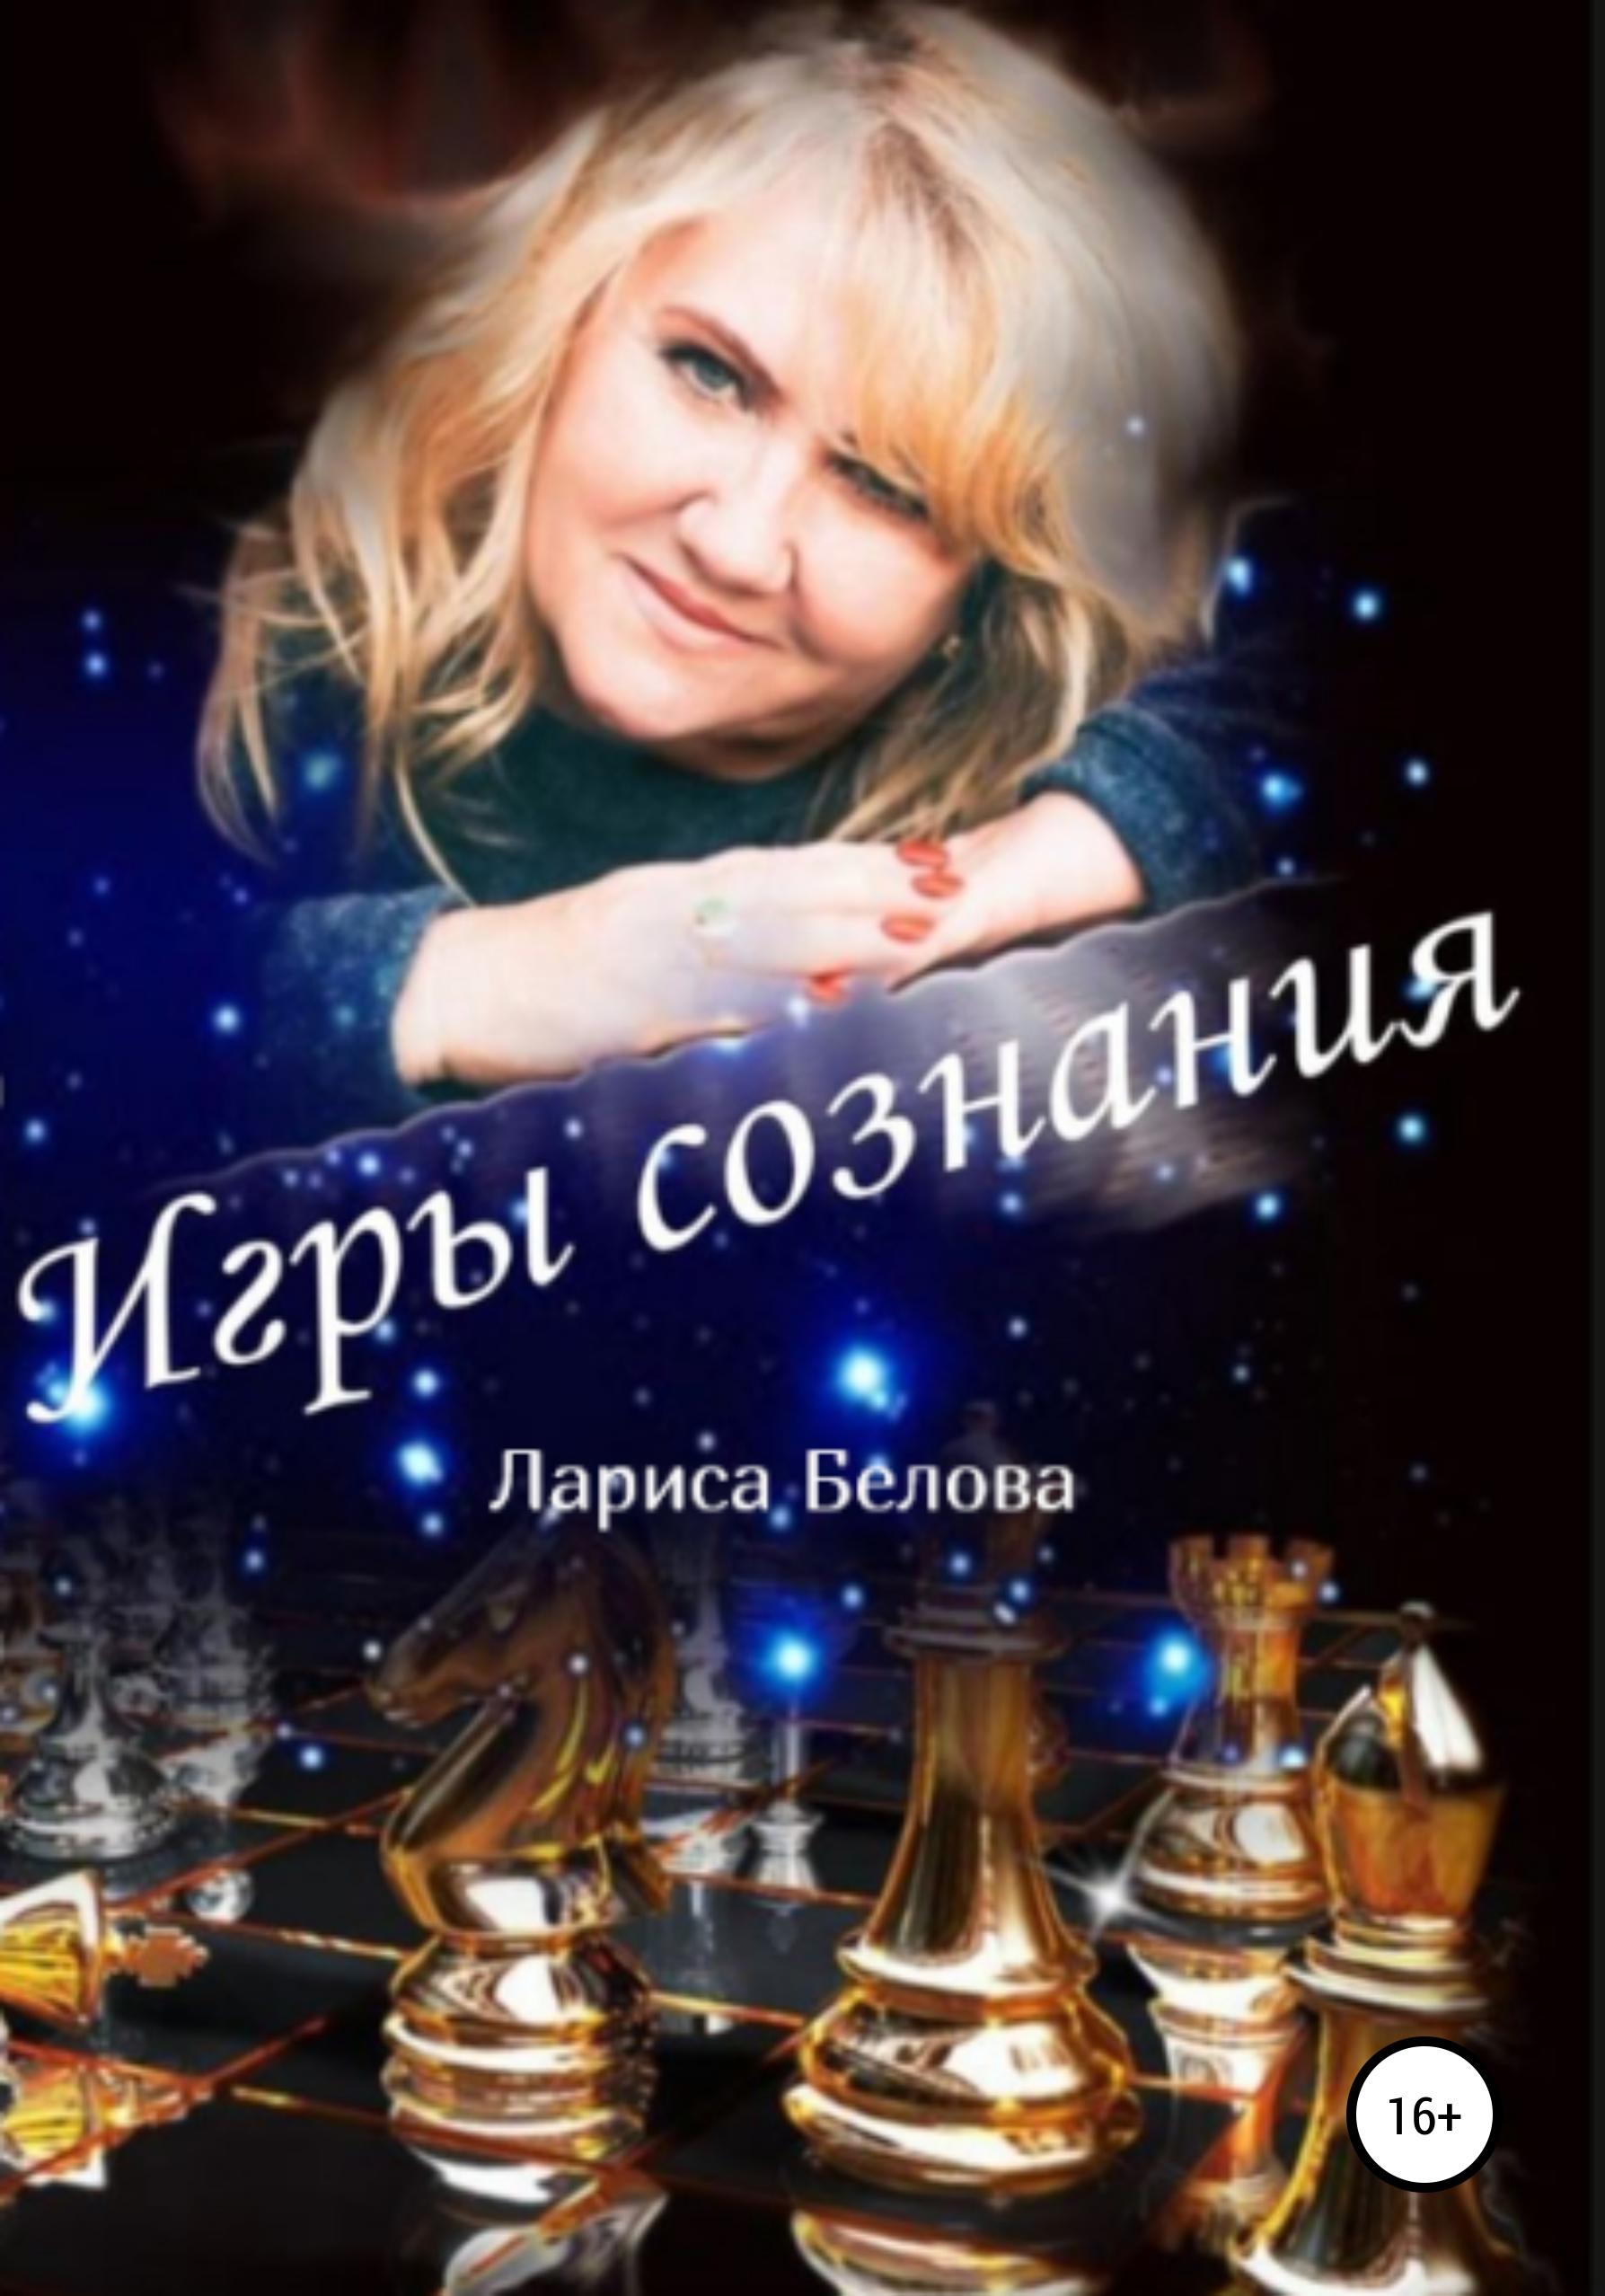 Купить книгу Игры Сознания, автора Ларисы Беловой